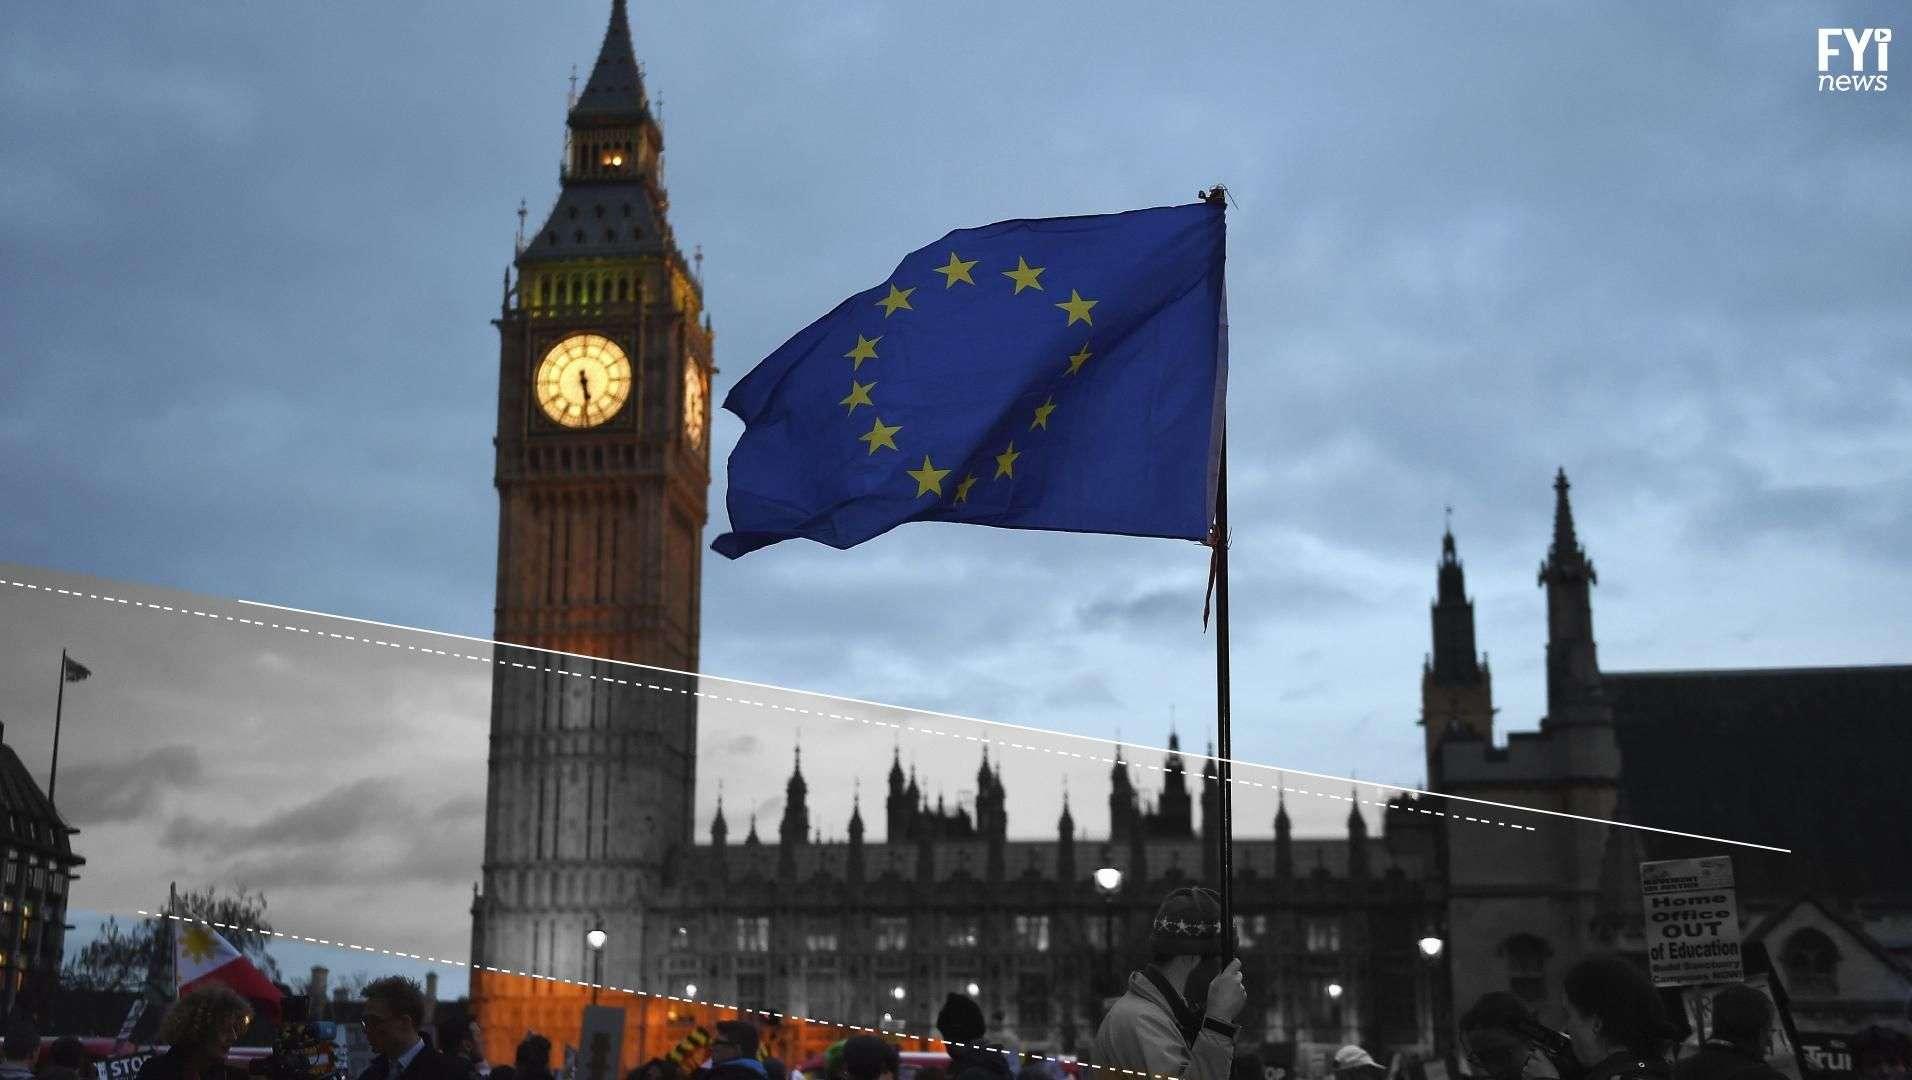 Campanhas de Referendum sob investigação